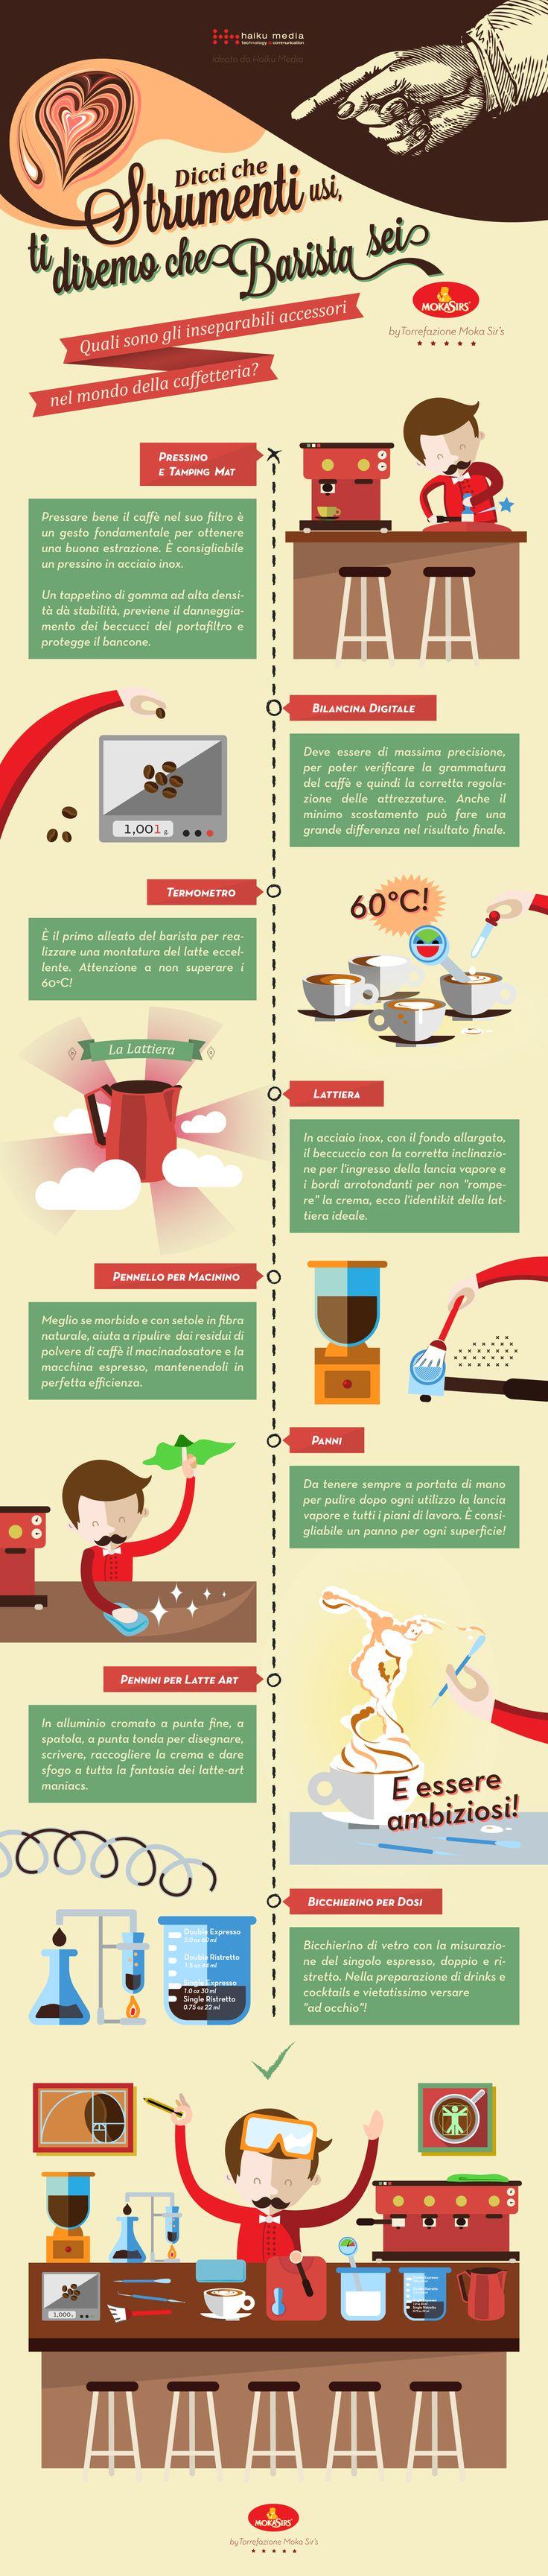 Il barista non è un semplice intermediario nella relazione tra prodotto finito, l'espresso e la macchina del caffè. Al contrario sperimenta, misura, soppesa, e allena la tecnica. Ecco gli strumenti inseparabili del barista...